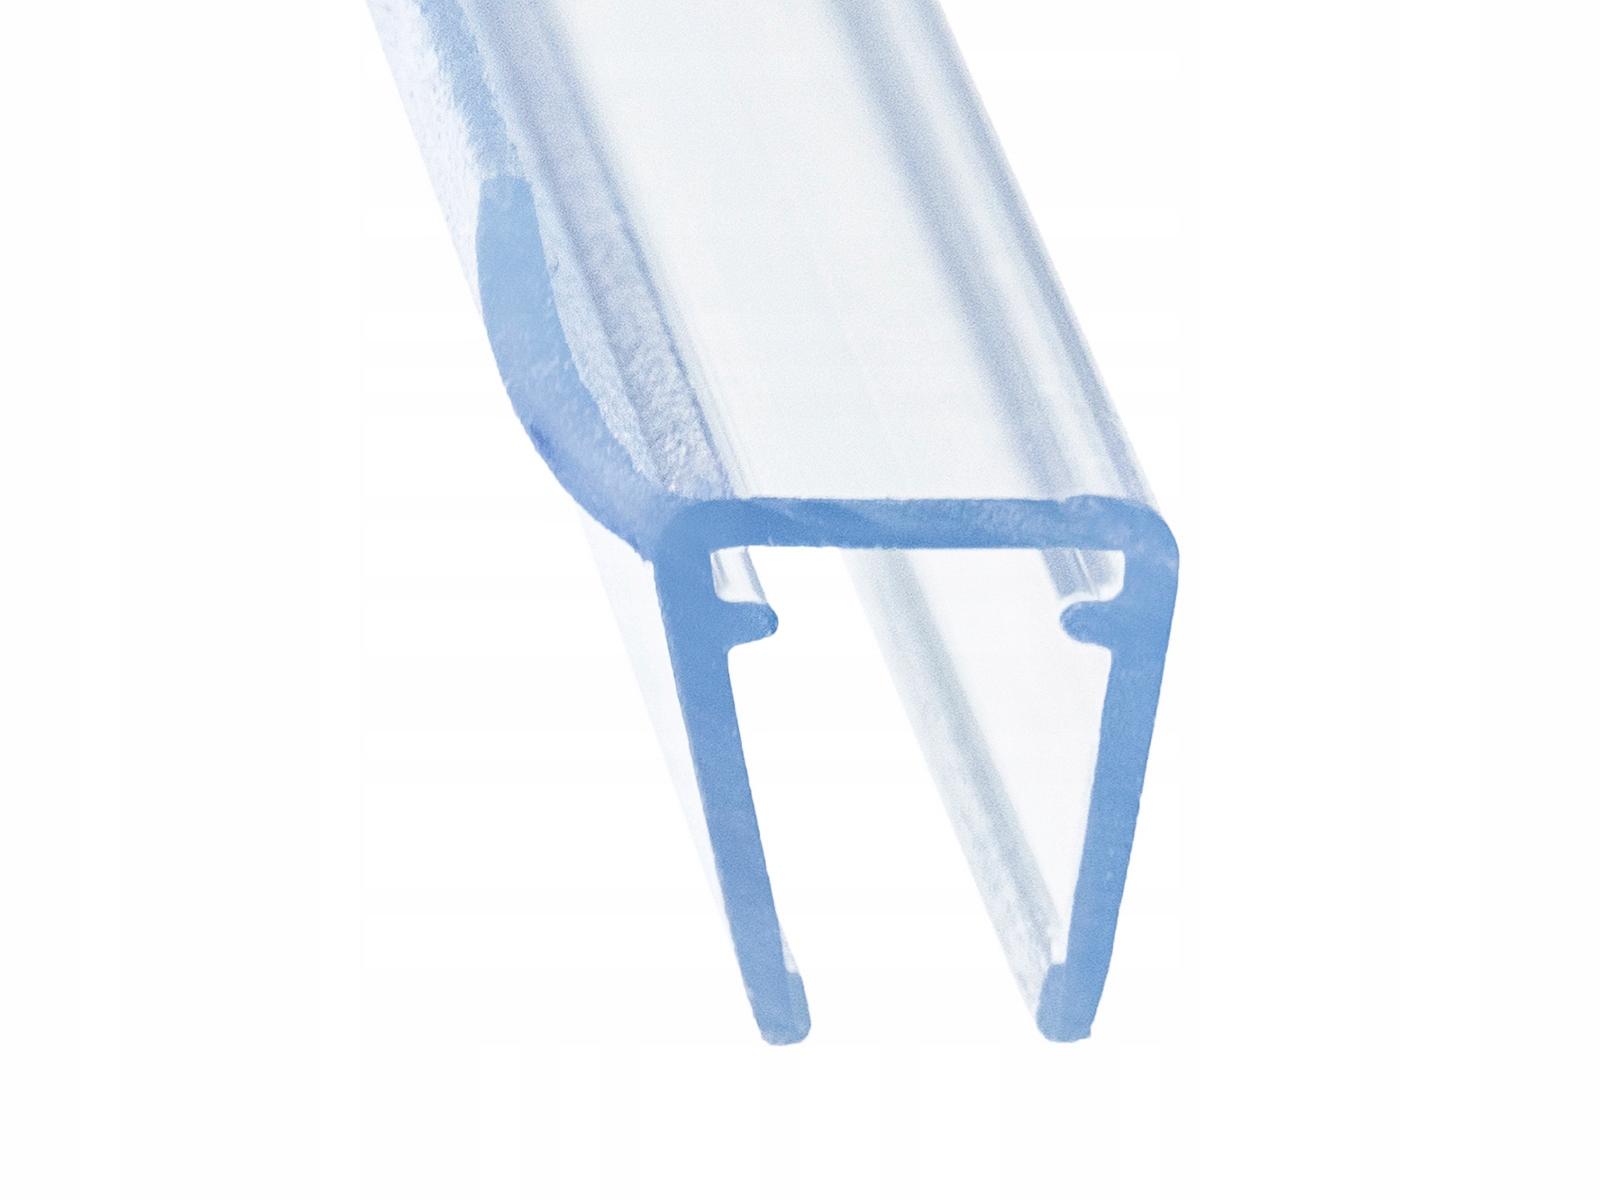 Sprchové tesnenie UK26 6-8mm 150cm